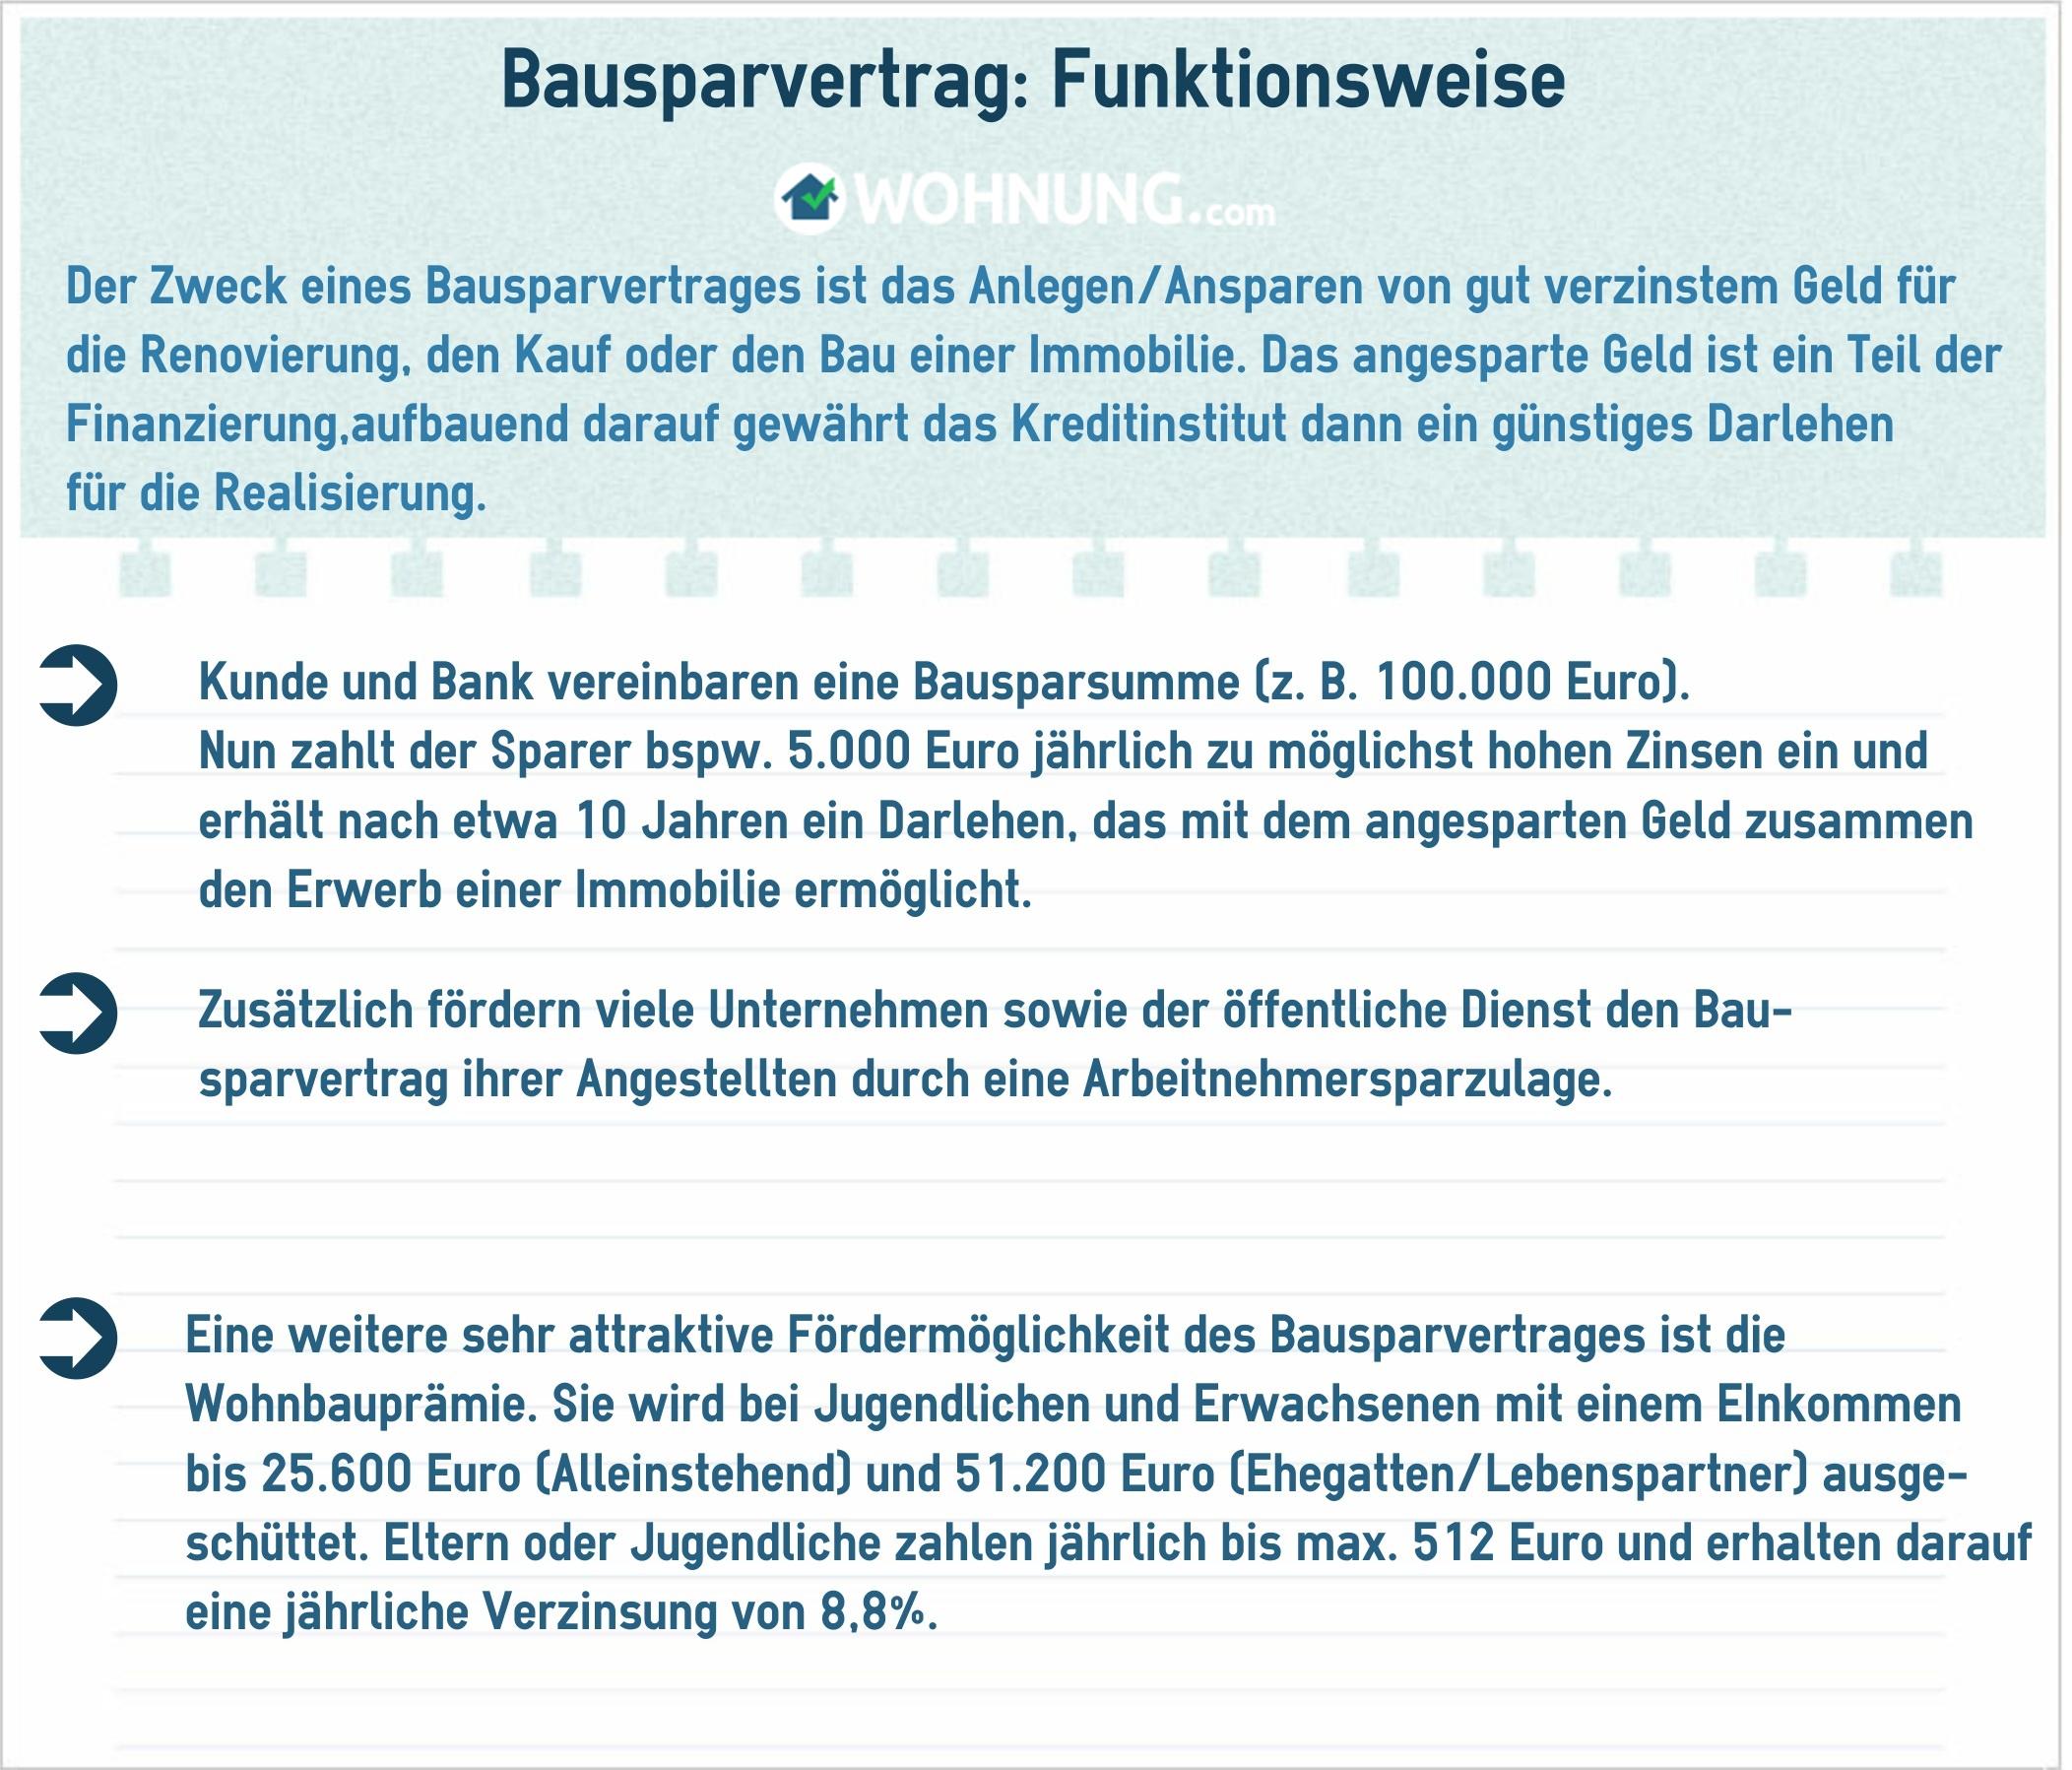 Bausparvertrag: Der Traum vom Wohneigentum - Wohnung.com Ratgeber